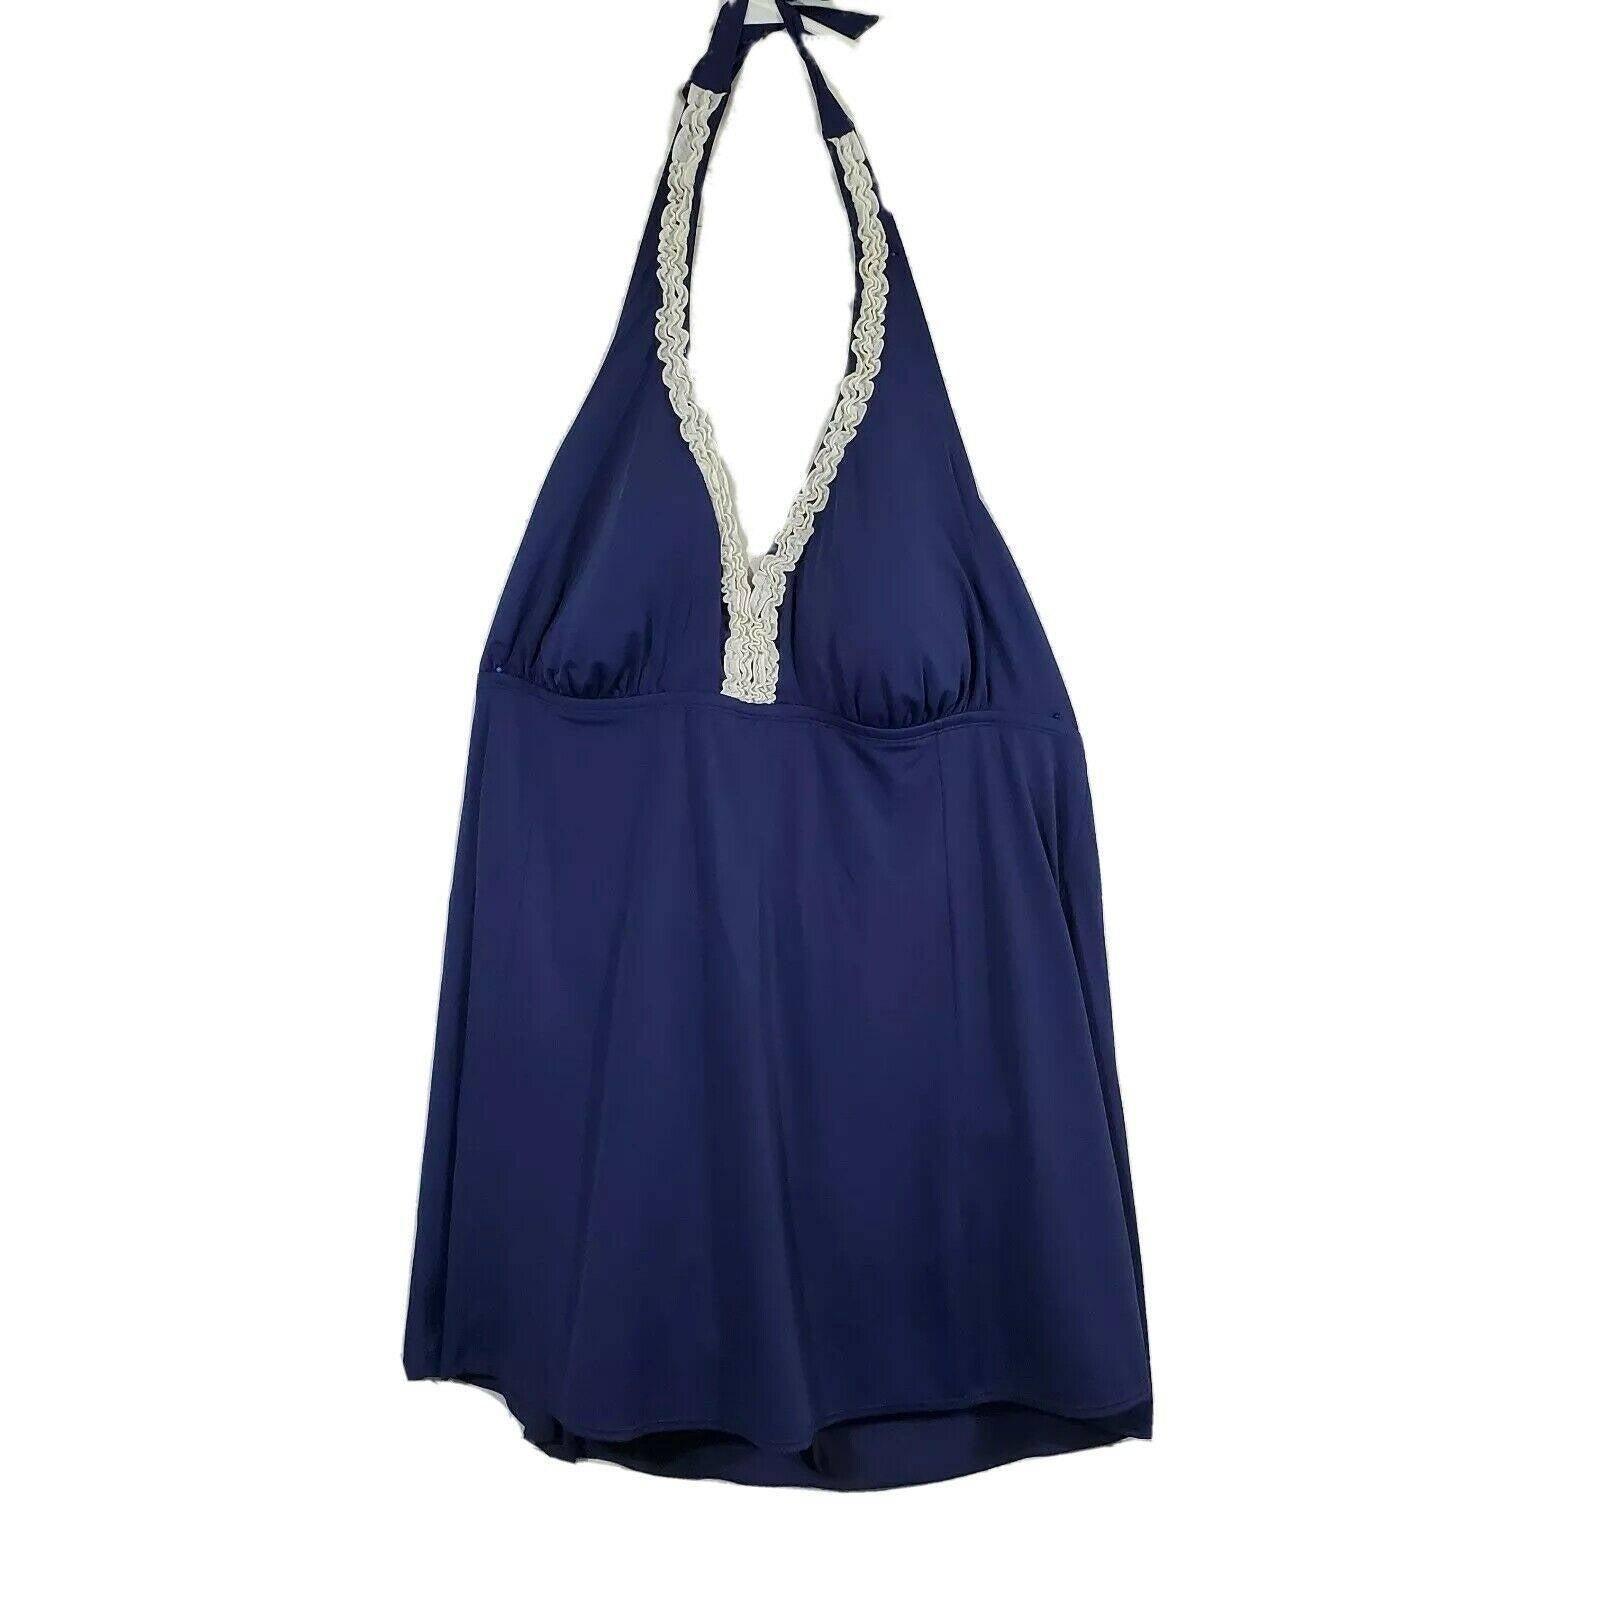 Always for Me Women's 1 Piece Swim Dress